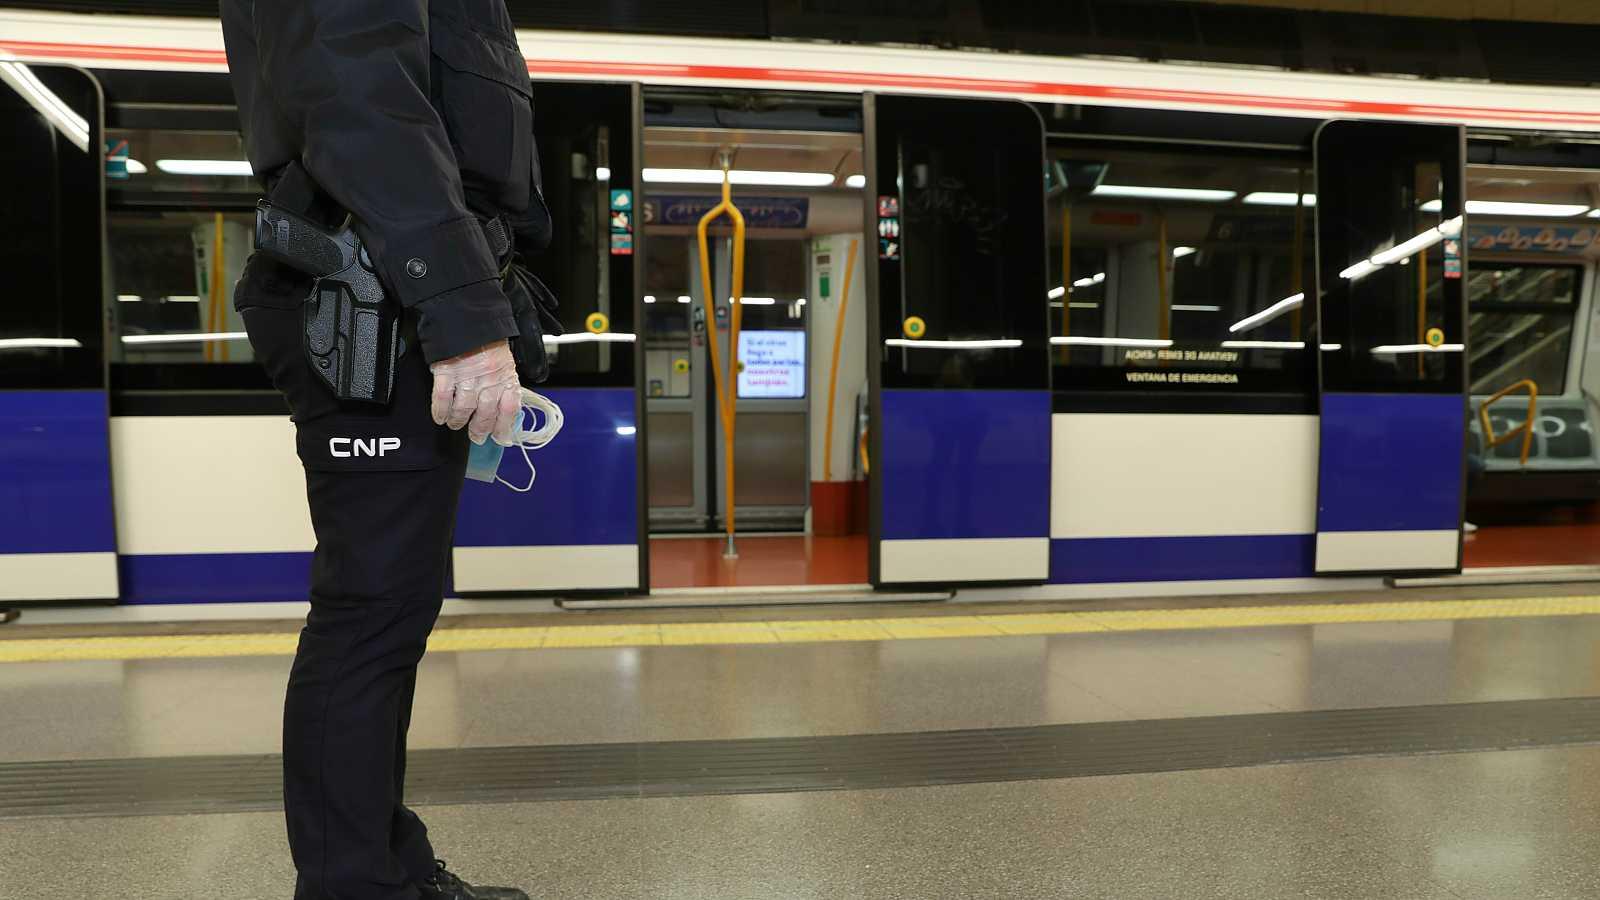 Policía en el Metro de Madrid